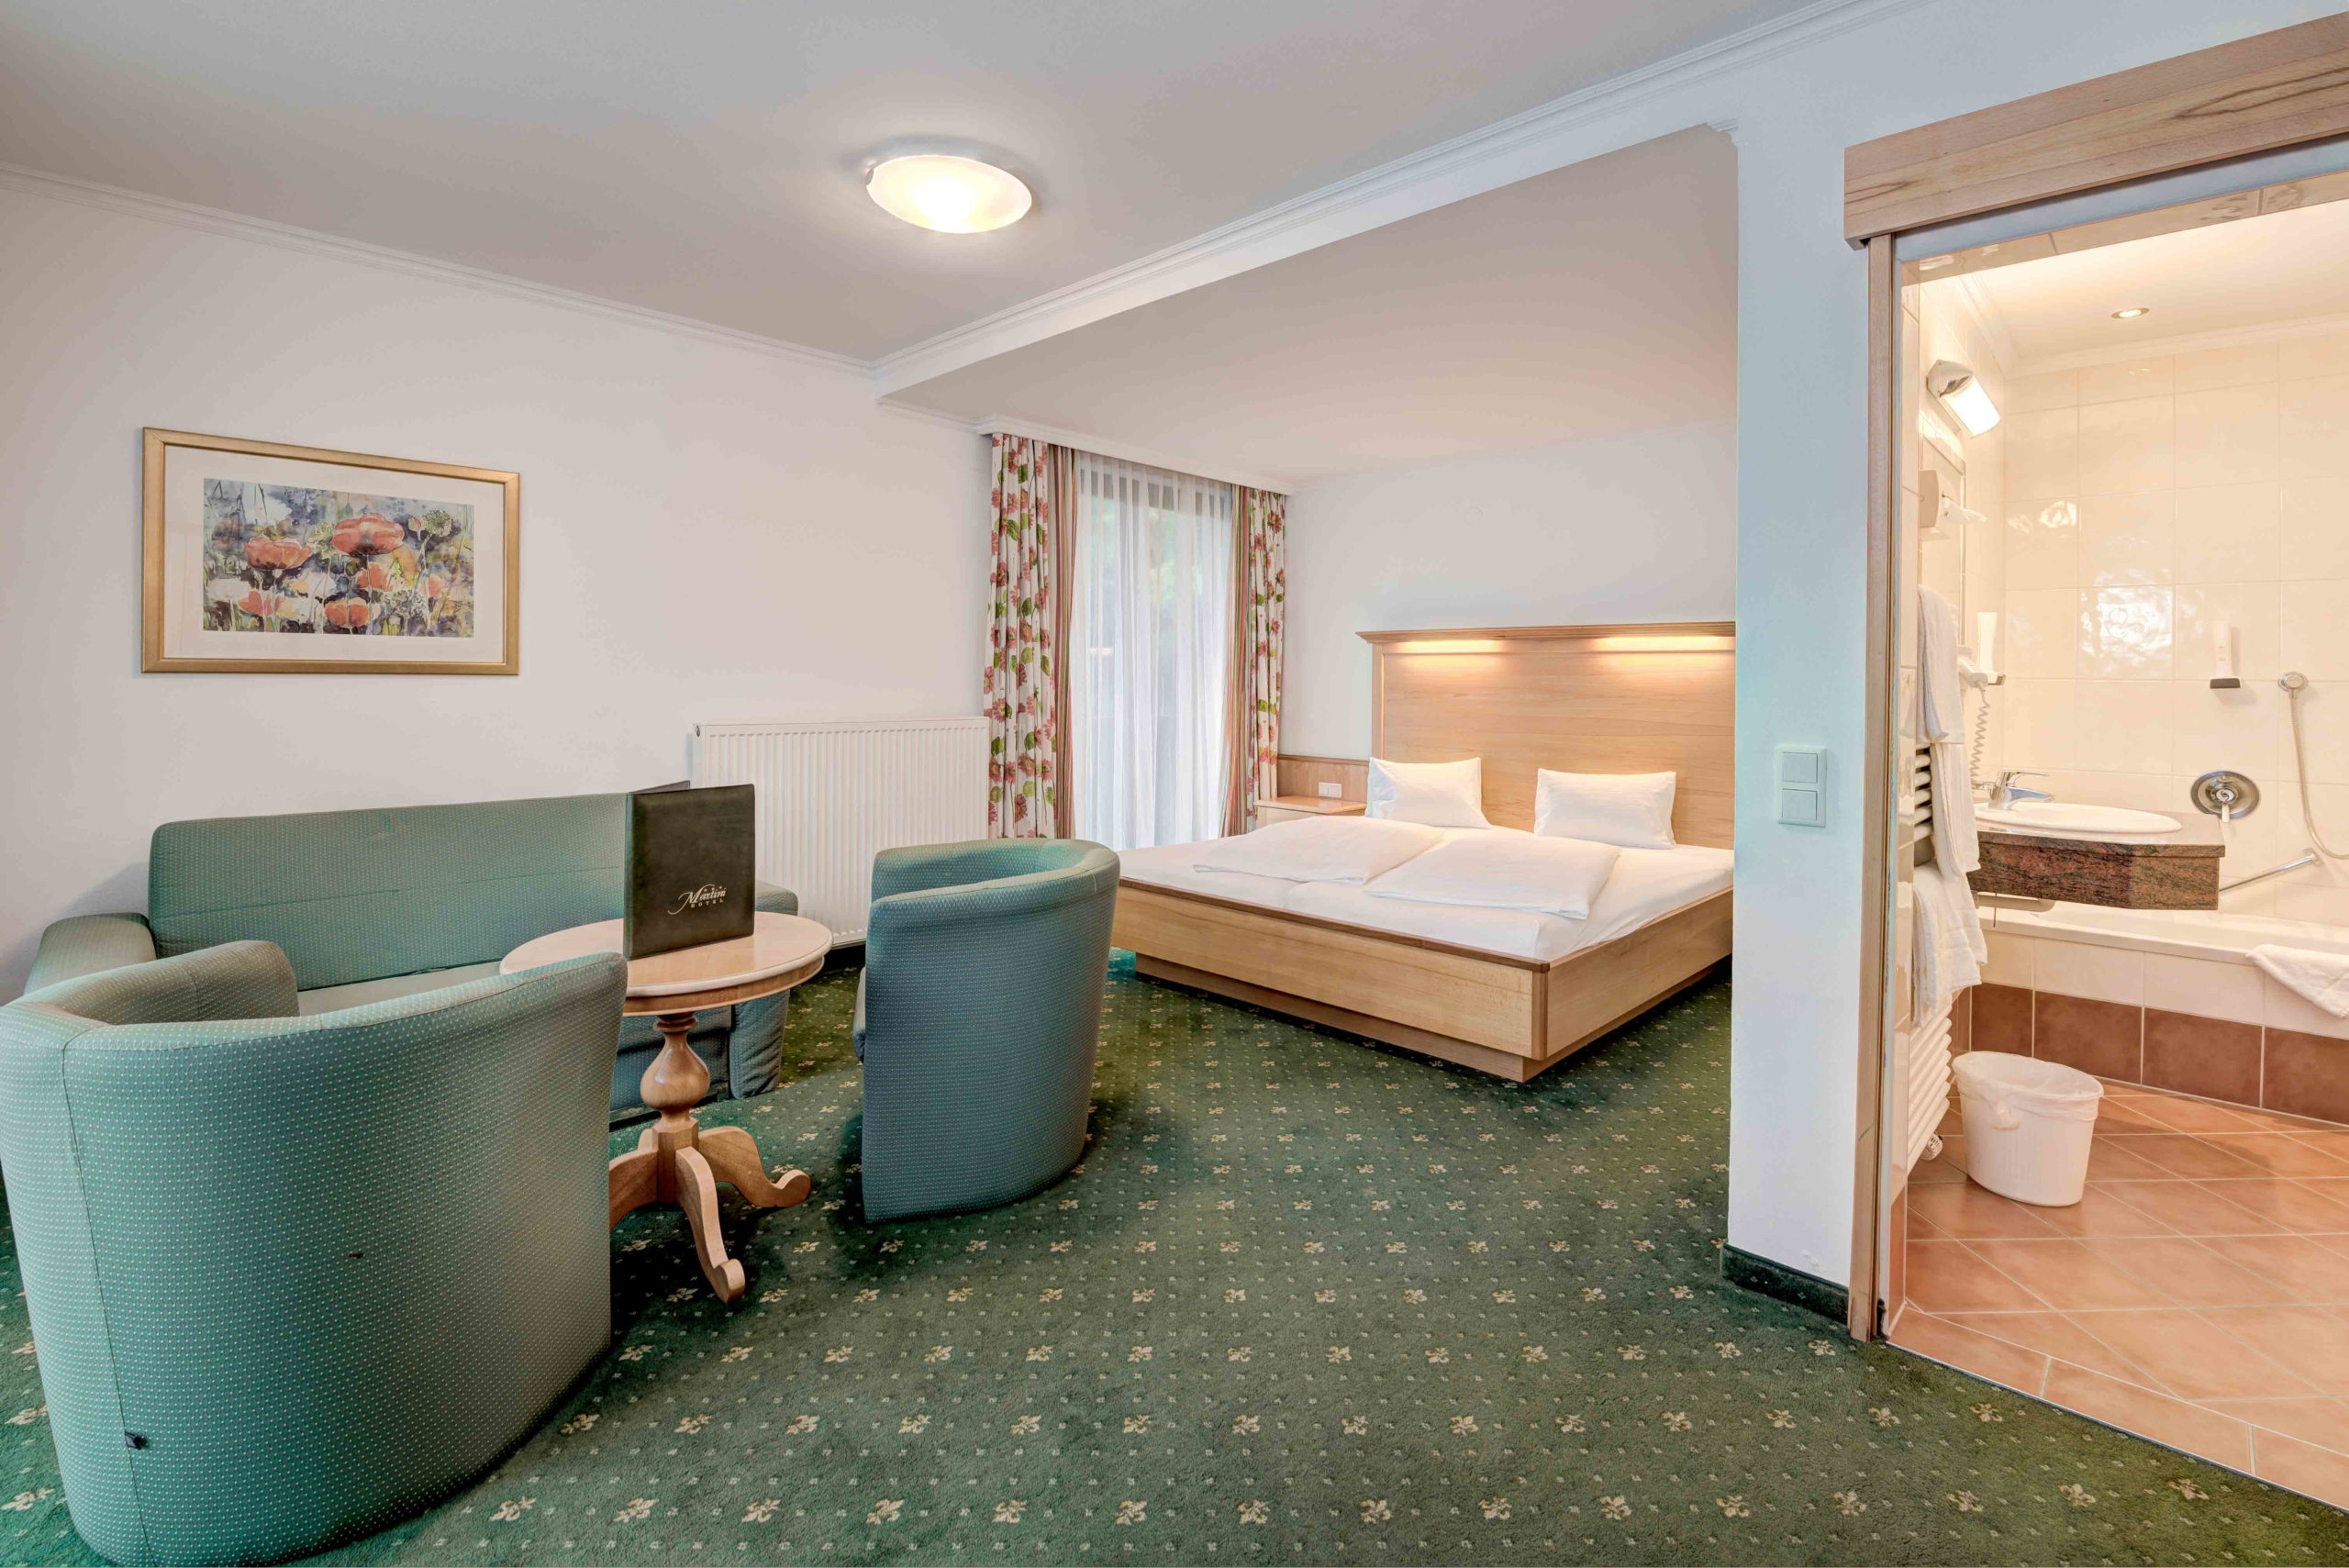 Hotel Martini Doppelzimmer mit Sitzecke